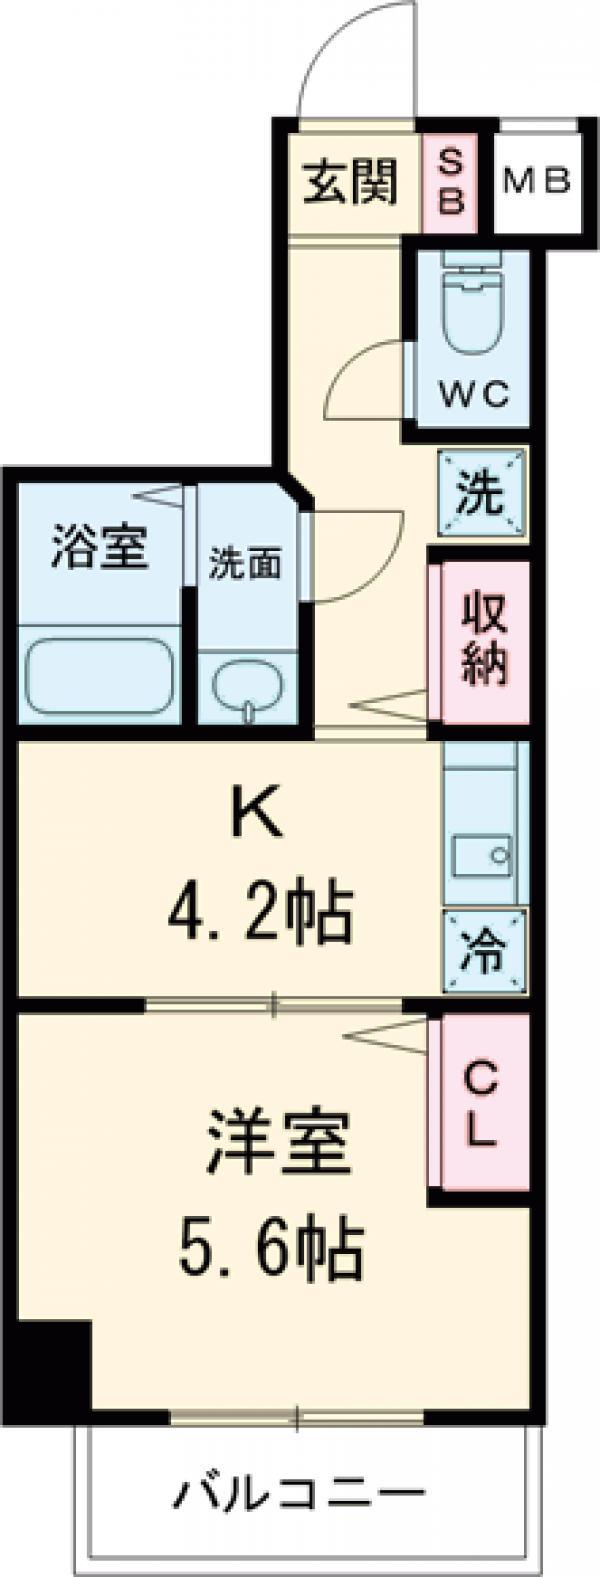 アンベリール マーロ北綾瀬Ⅱ・203号室の間取り